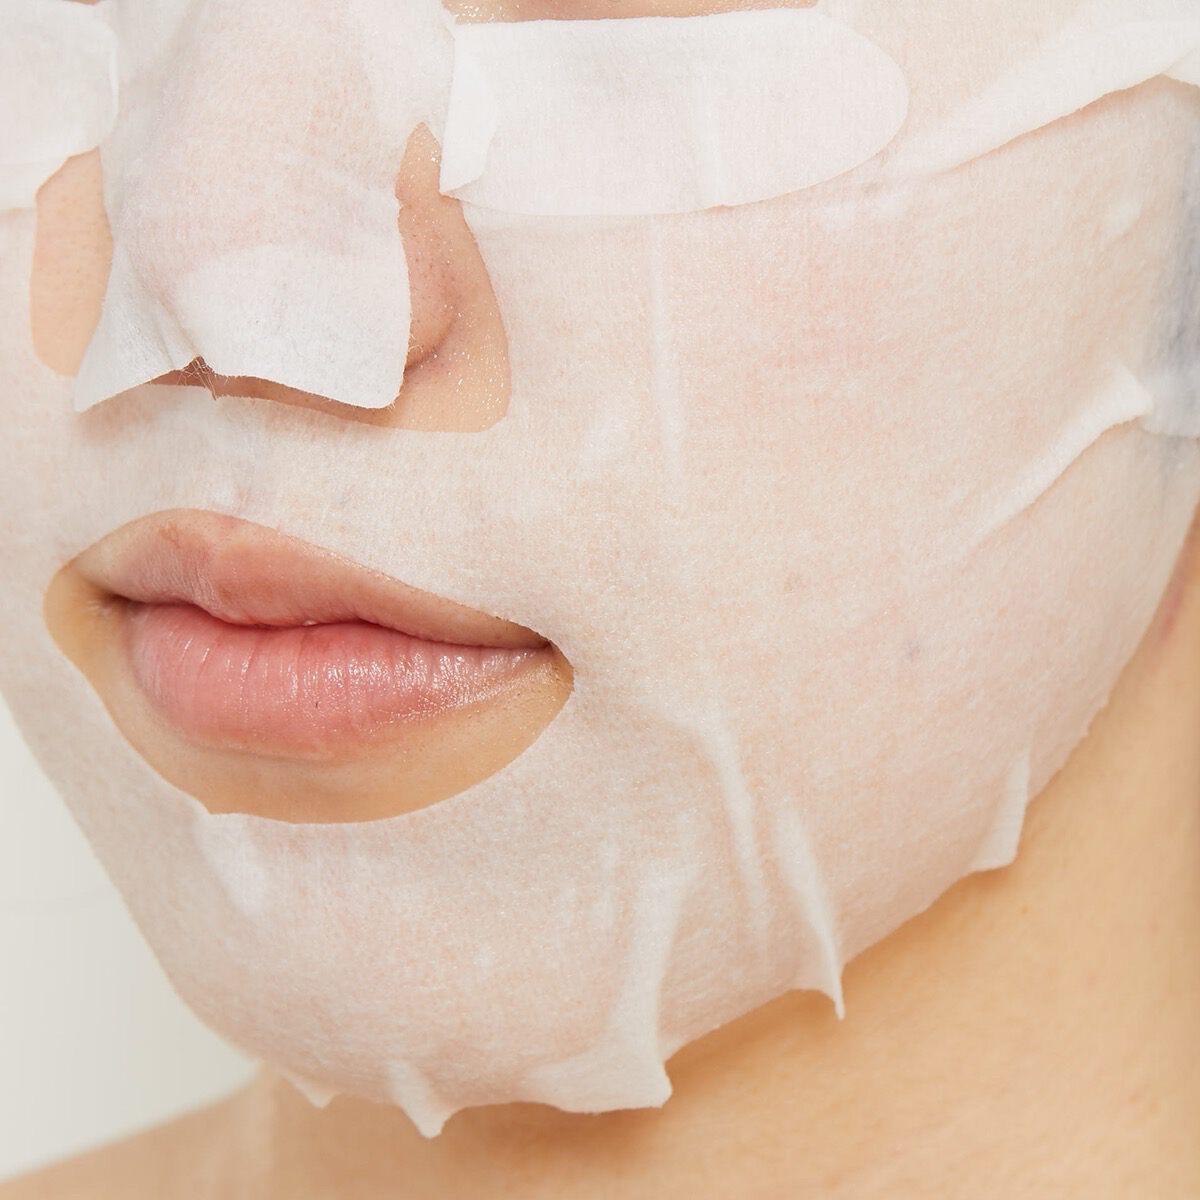 3分間の時短ケア、QUALITY 1ST(クオリティファースト)『オールインワンシートマスク グランホワイト』の使用感をレポに関する画像10